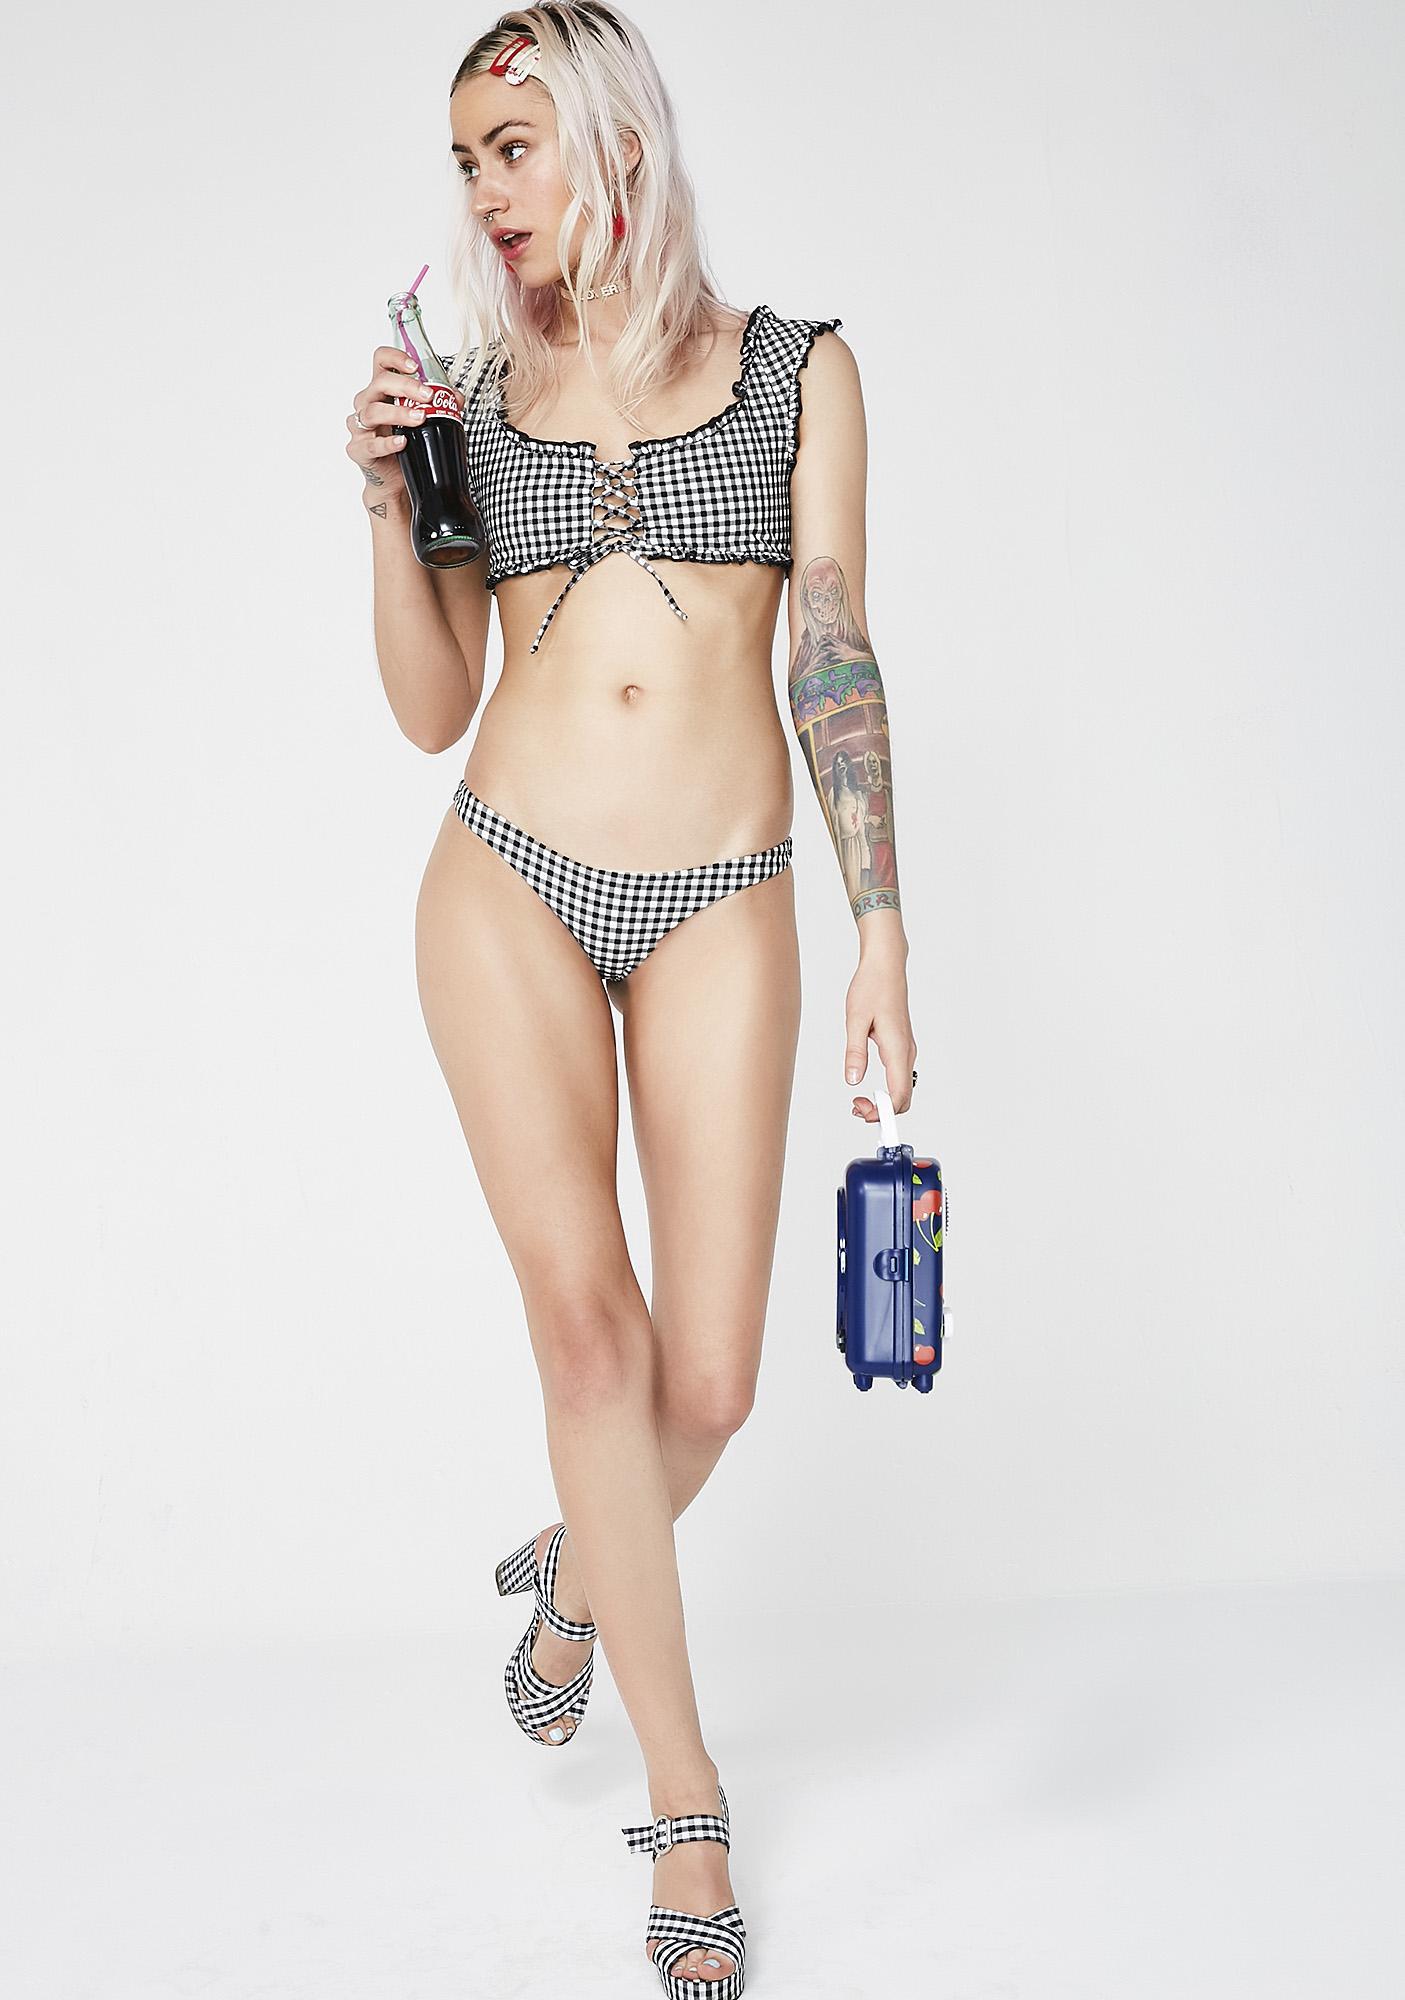 Chloe Rose Swimwear Forget Me Not Bikini Set